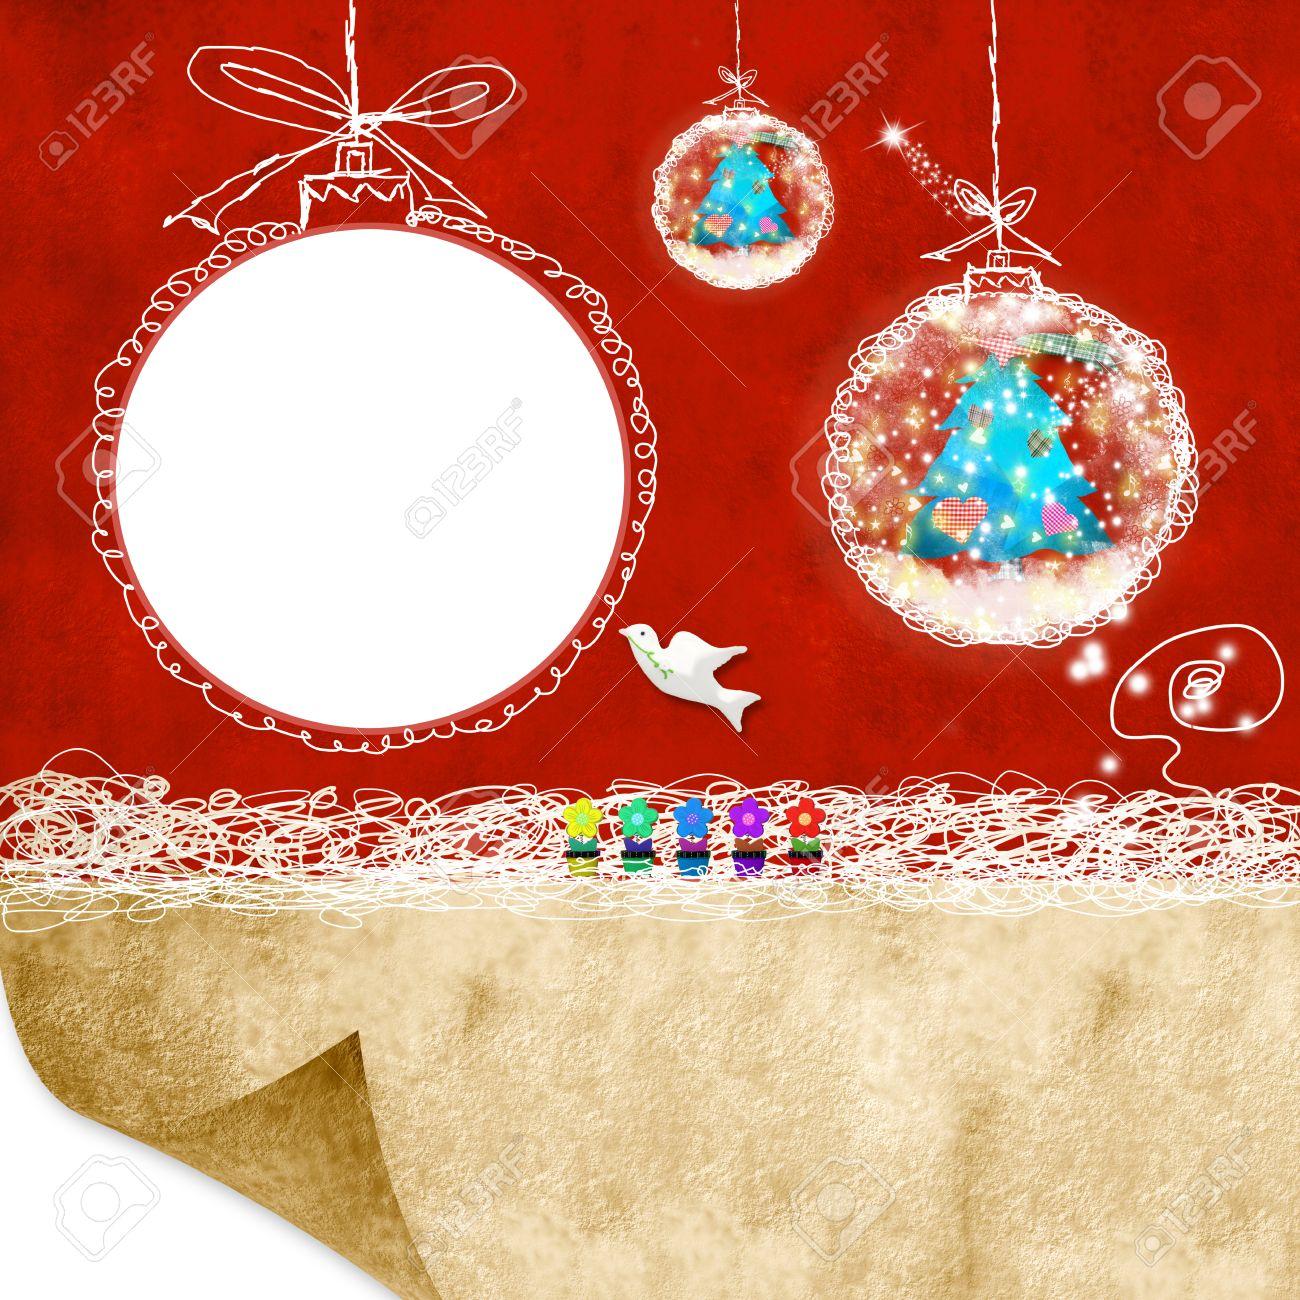 Tarjeta De Navidad Con El Marco Vacío Y El Espacio En Blanco Para ...